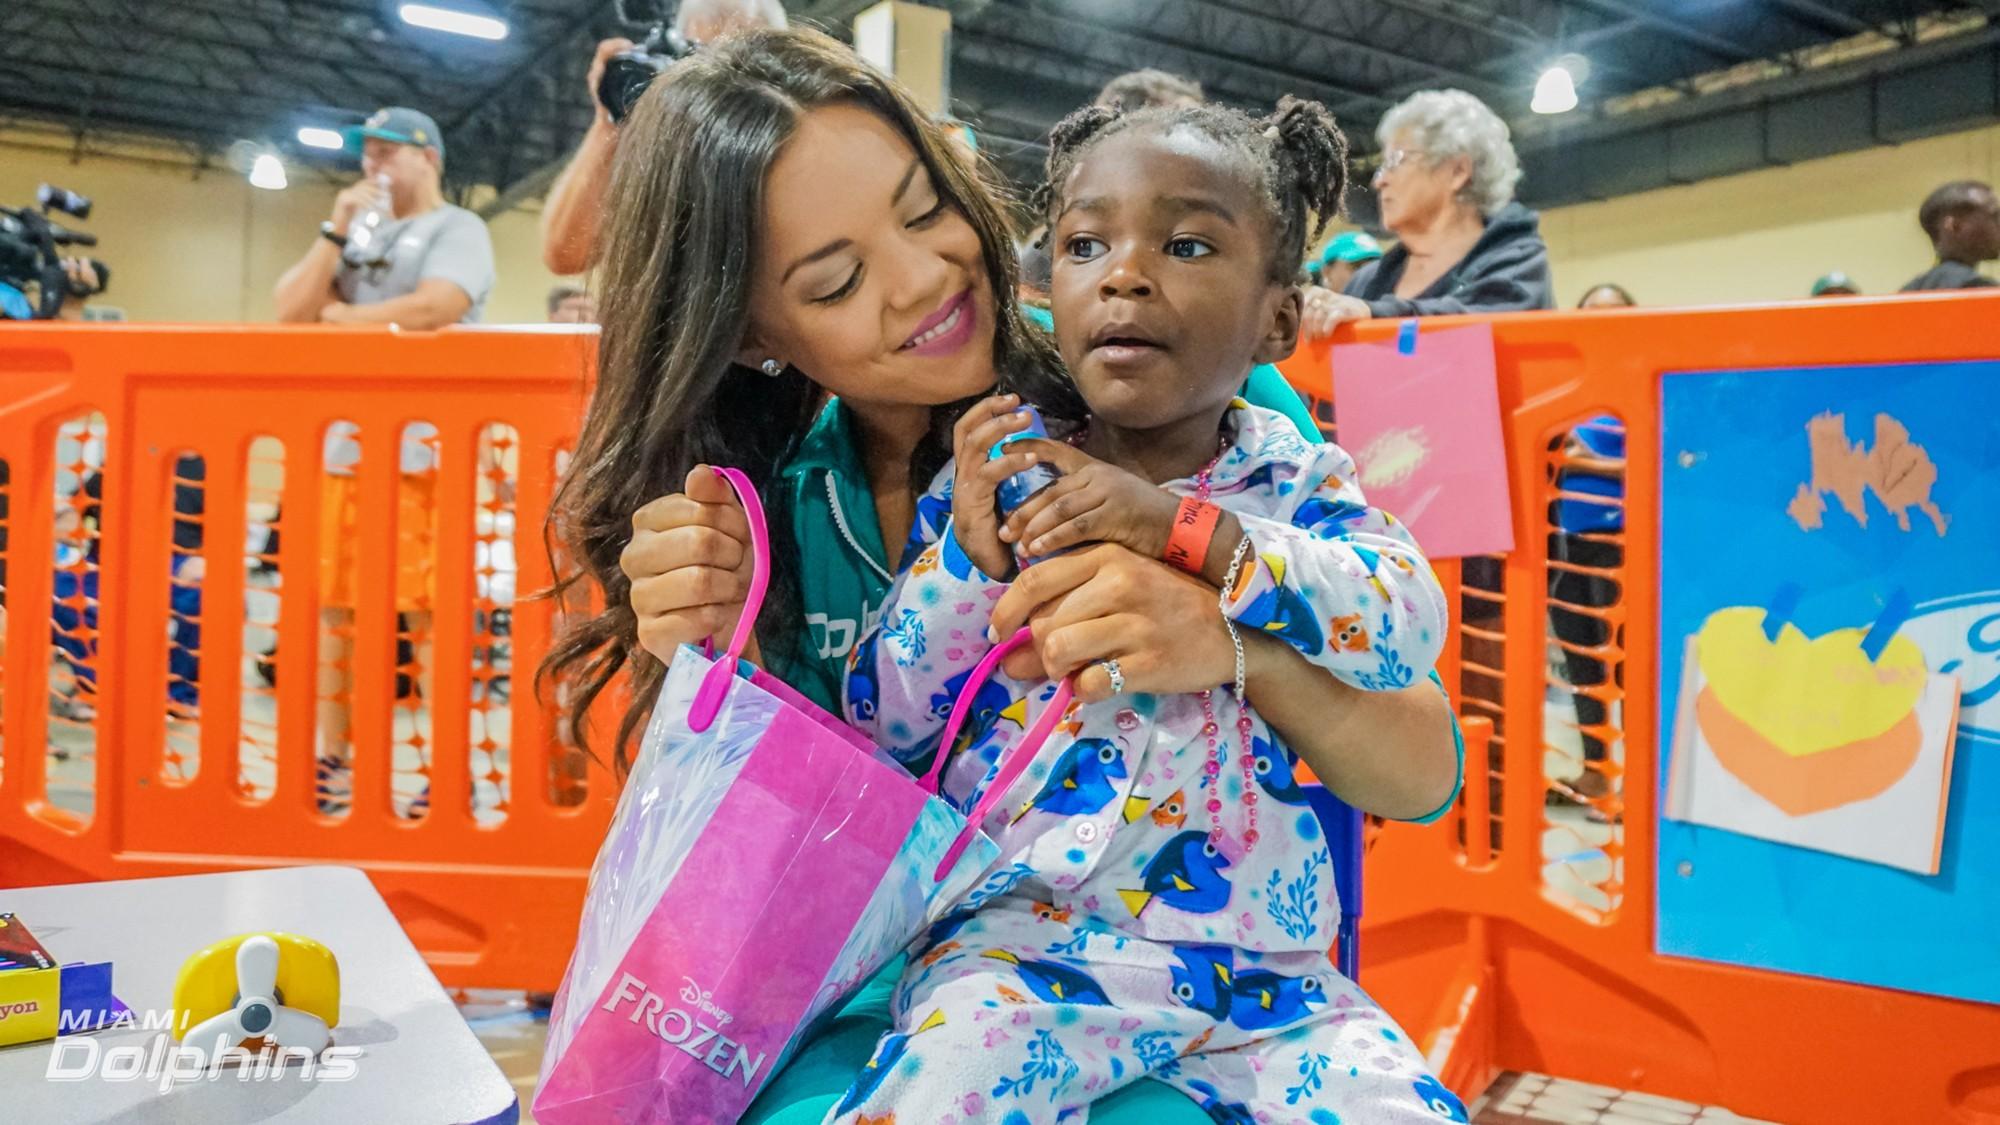 Miami Dolphins Cheerleader Etta at Red Cross Shelter